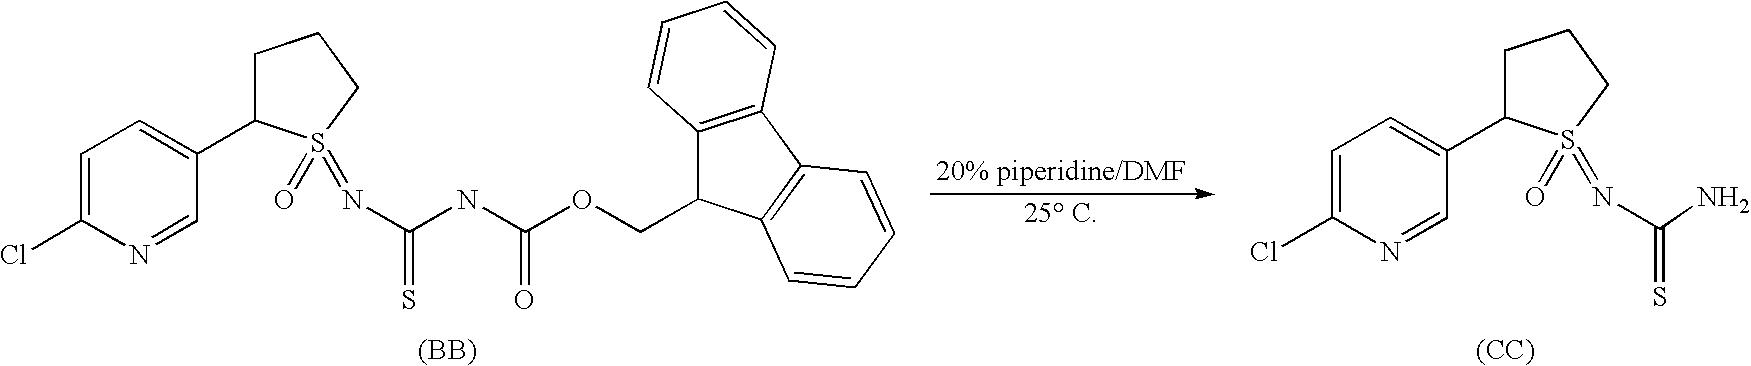 Figure US20090029863A1-20090129-C00104